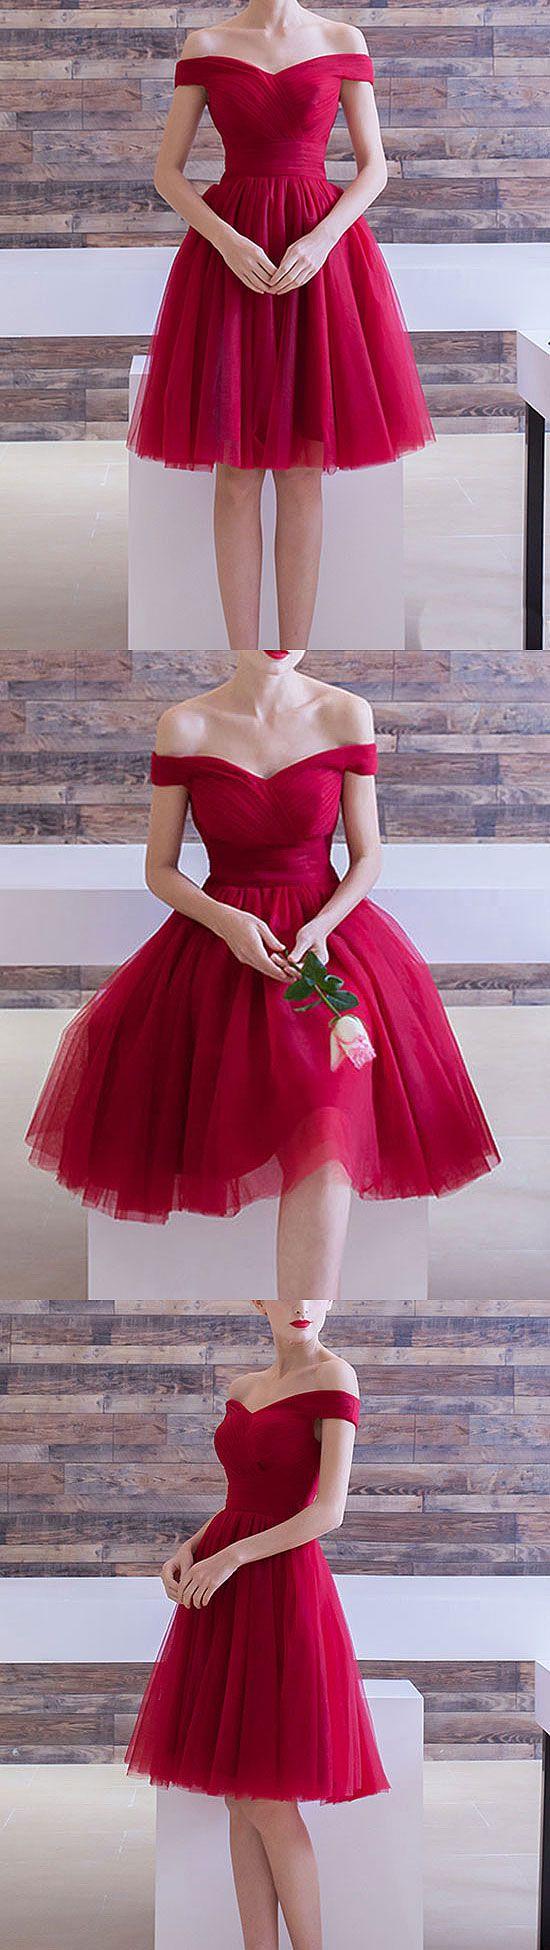 Burgundy off shoulder short prom dress burgundy homecoming